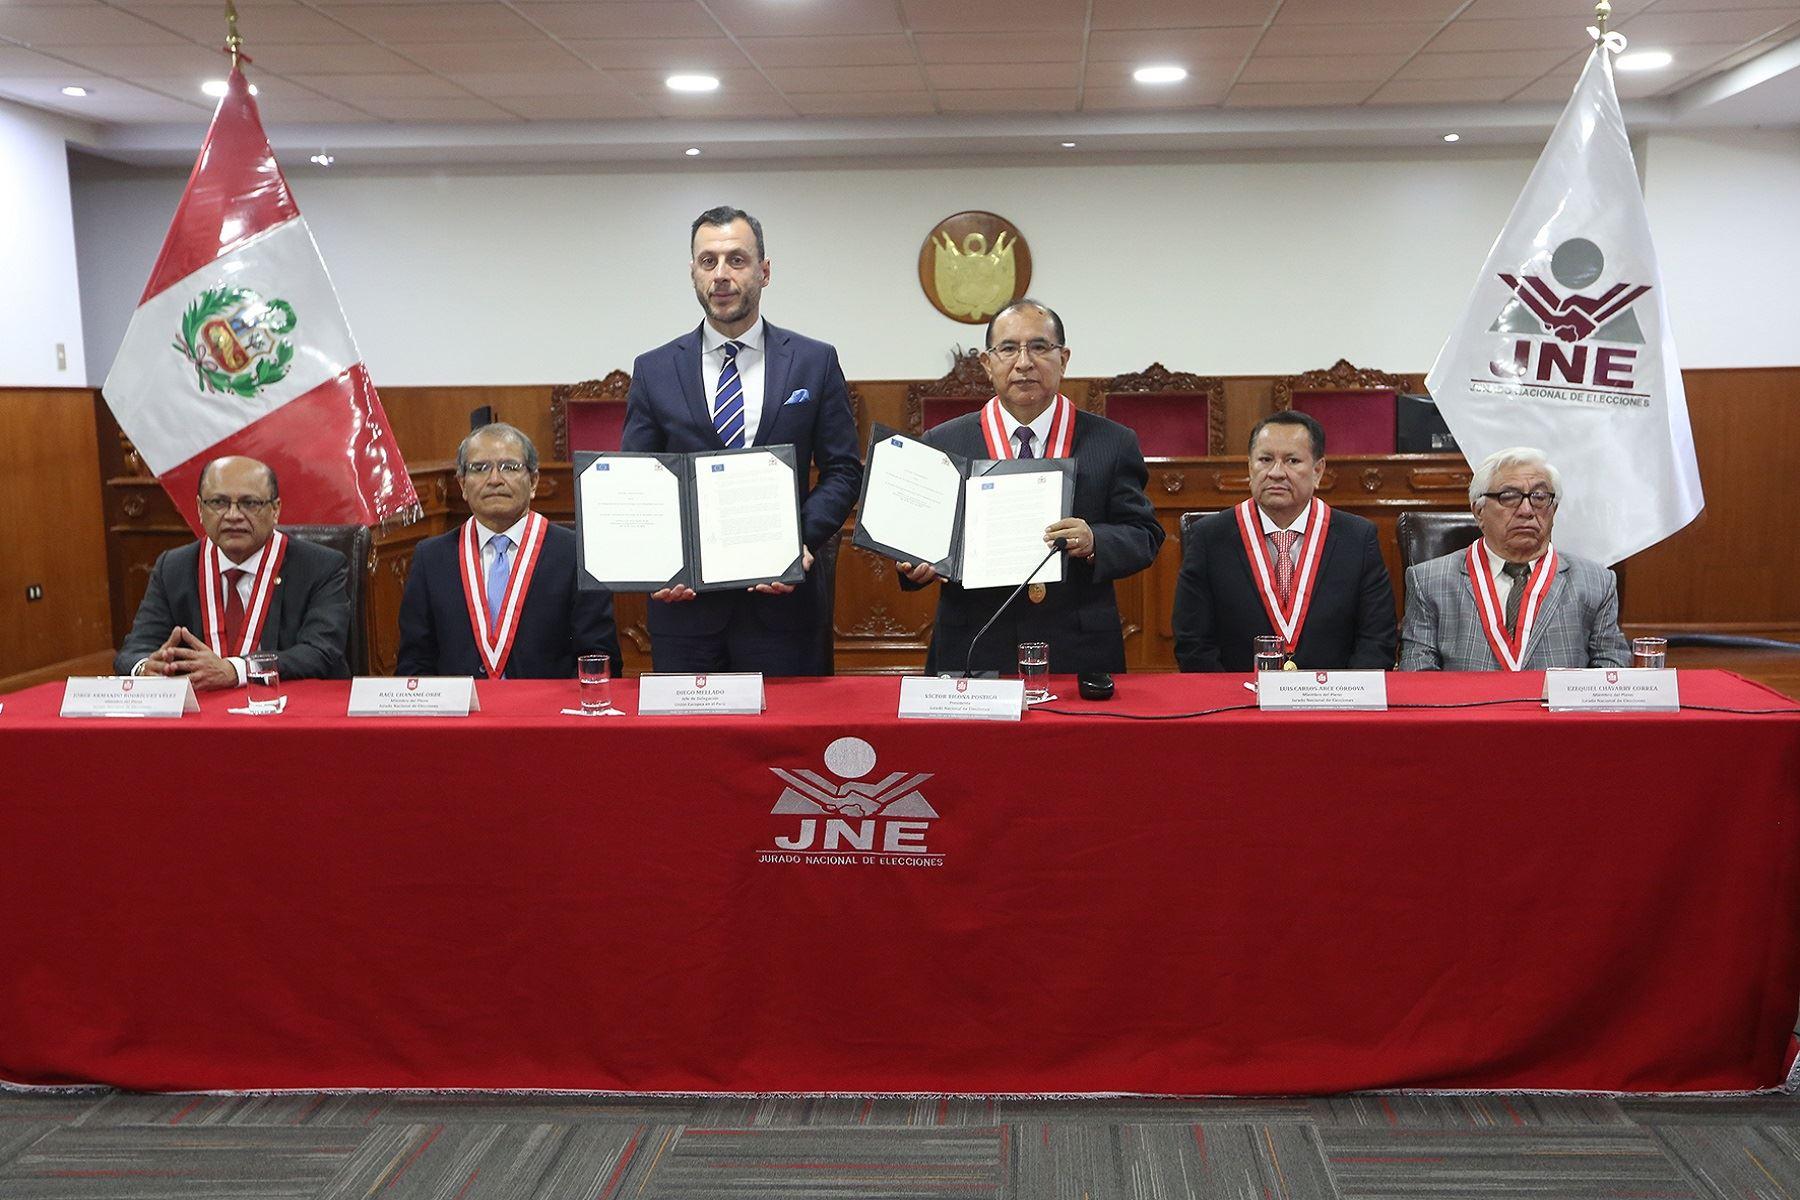 Embajador de la Unión Europea en el Perú, Diego Mellado y titular del Jurado Nacional de Elecciones, Víctor Postigo, tras firmar el acuerdo para la llegada de Misión de Observación Electoral. Foto: Difusión.